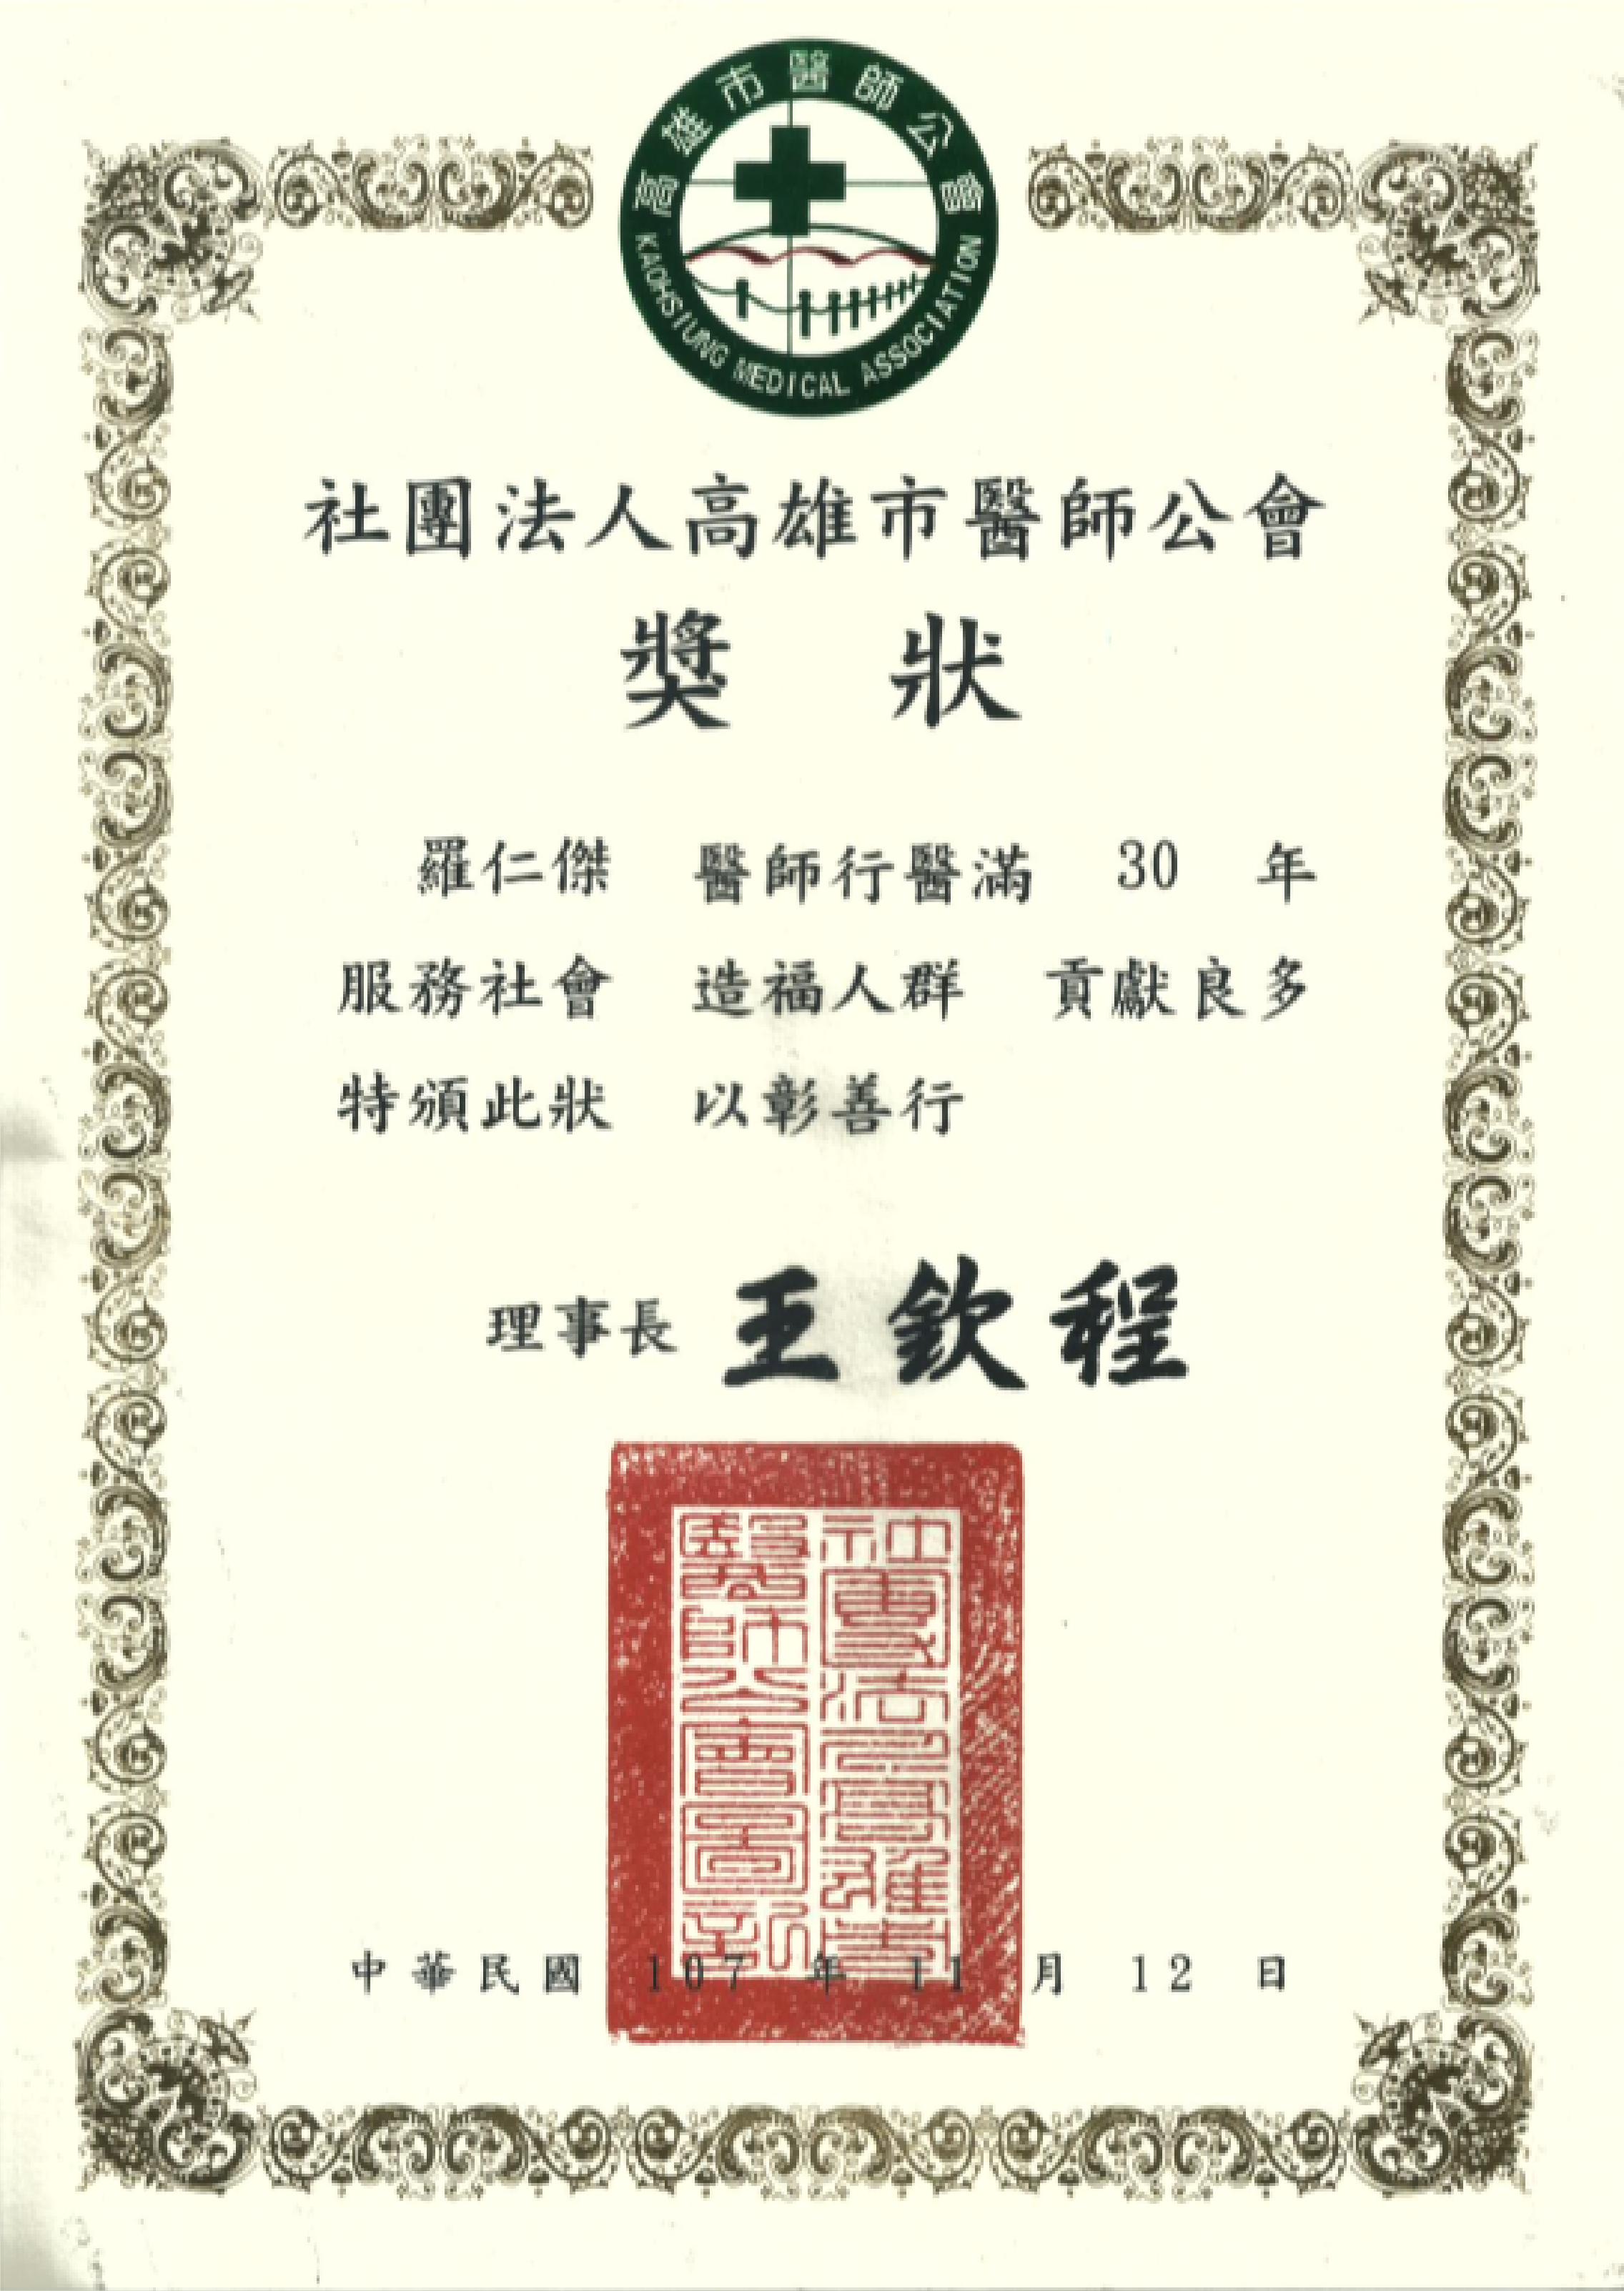 羅仁傑30年行醫獎狀